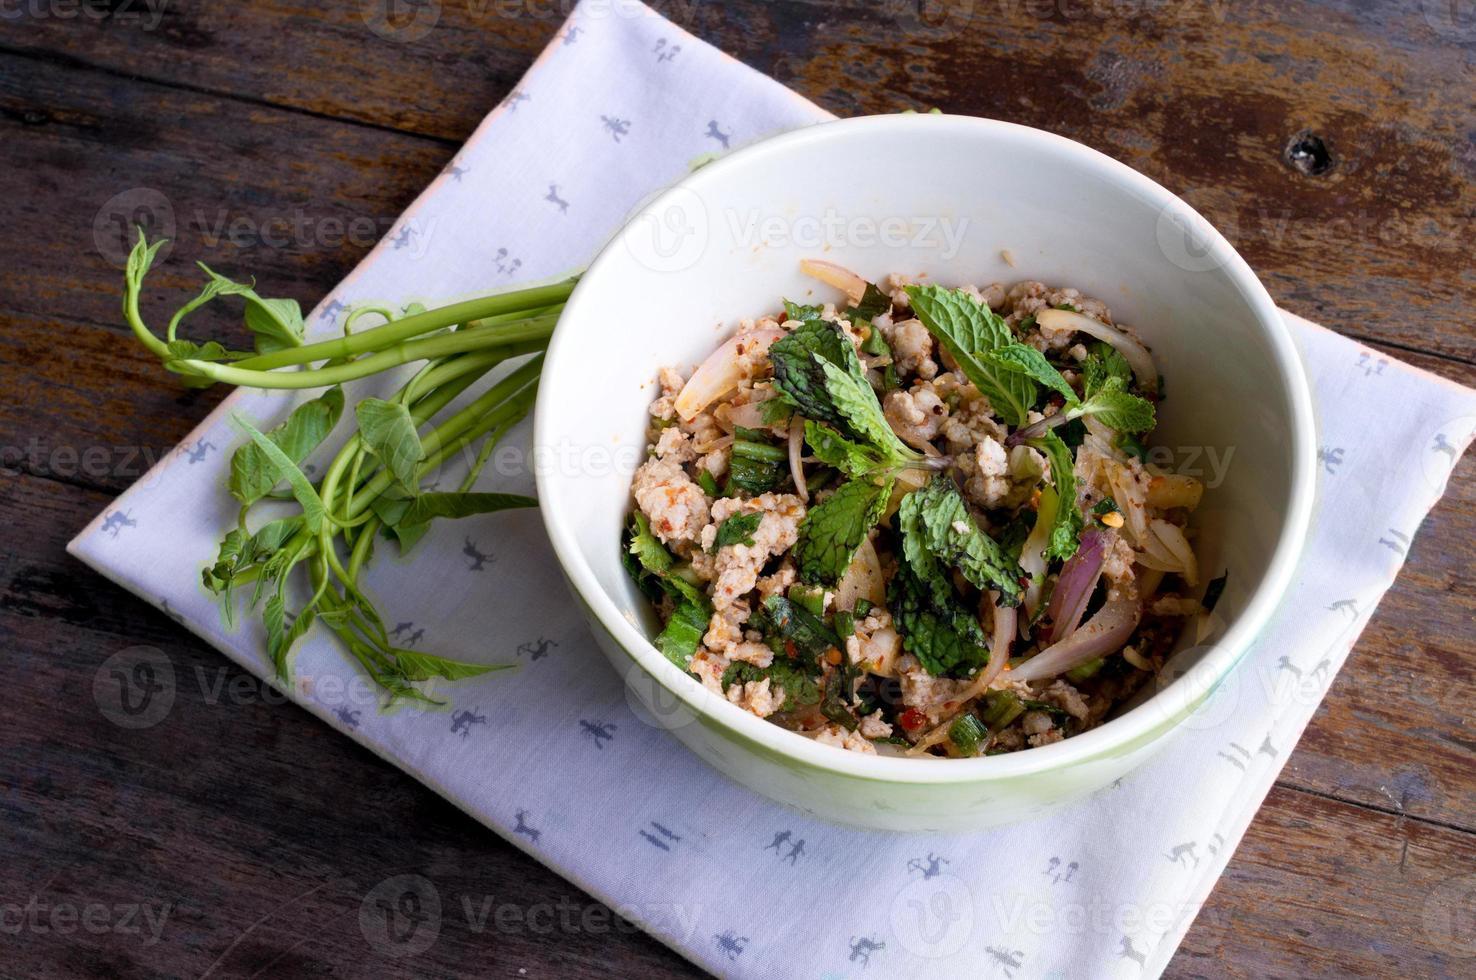 insalata piccante di maiale tritato, il cibo in stile tailandese nord-orientale foto